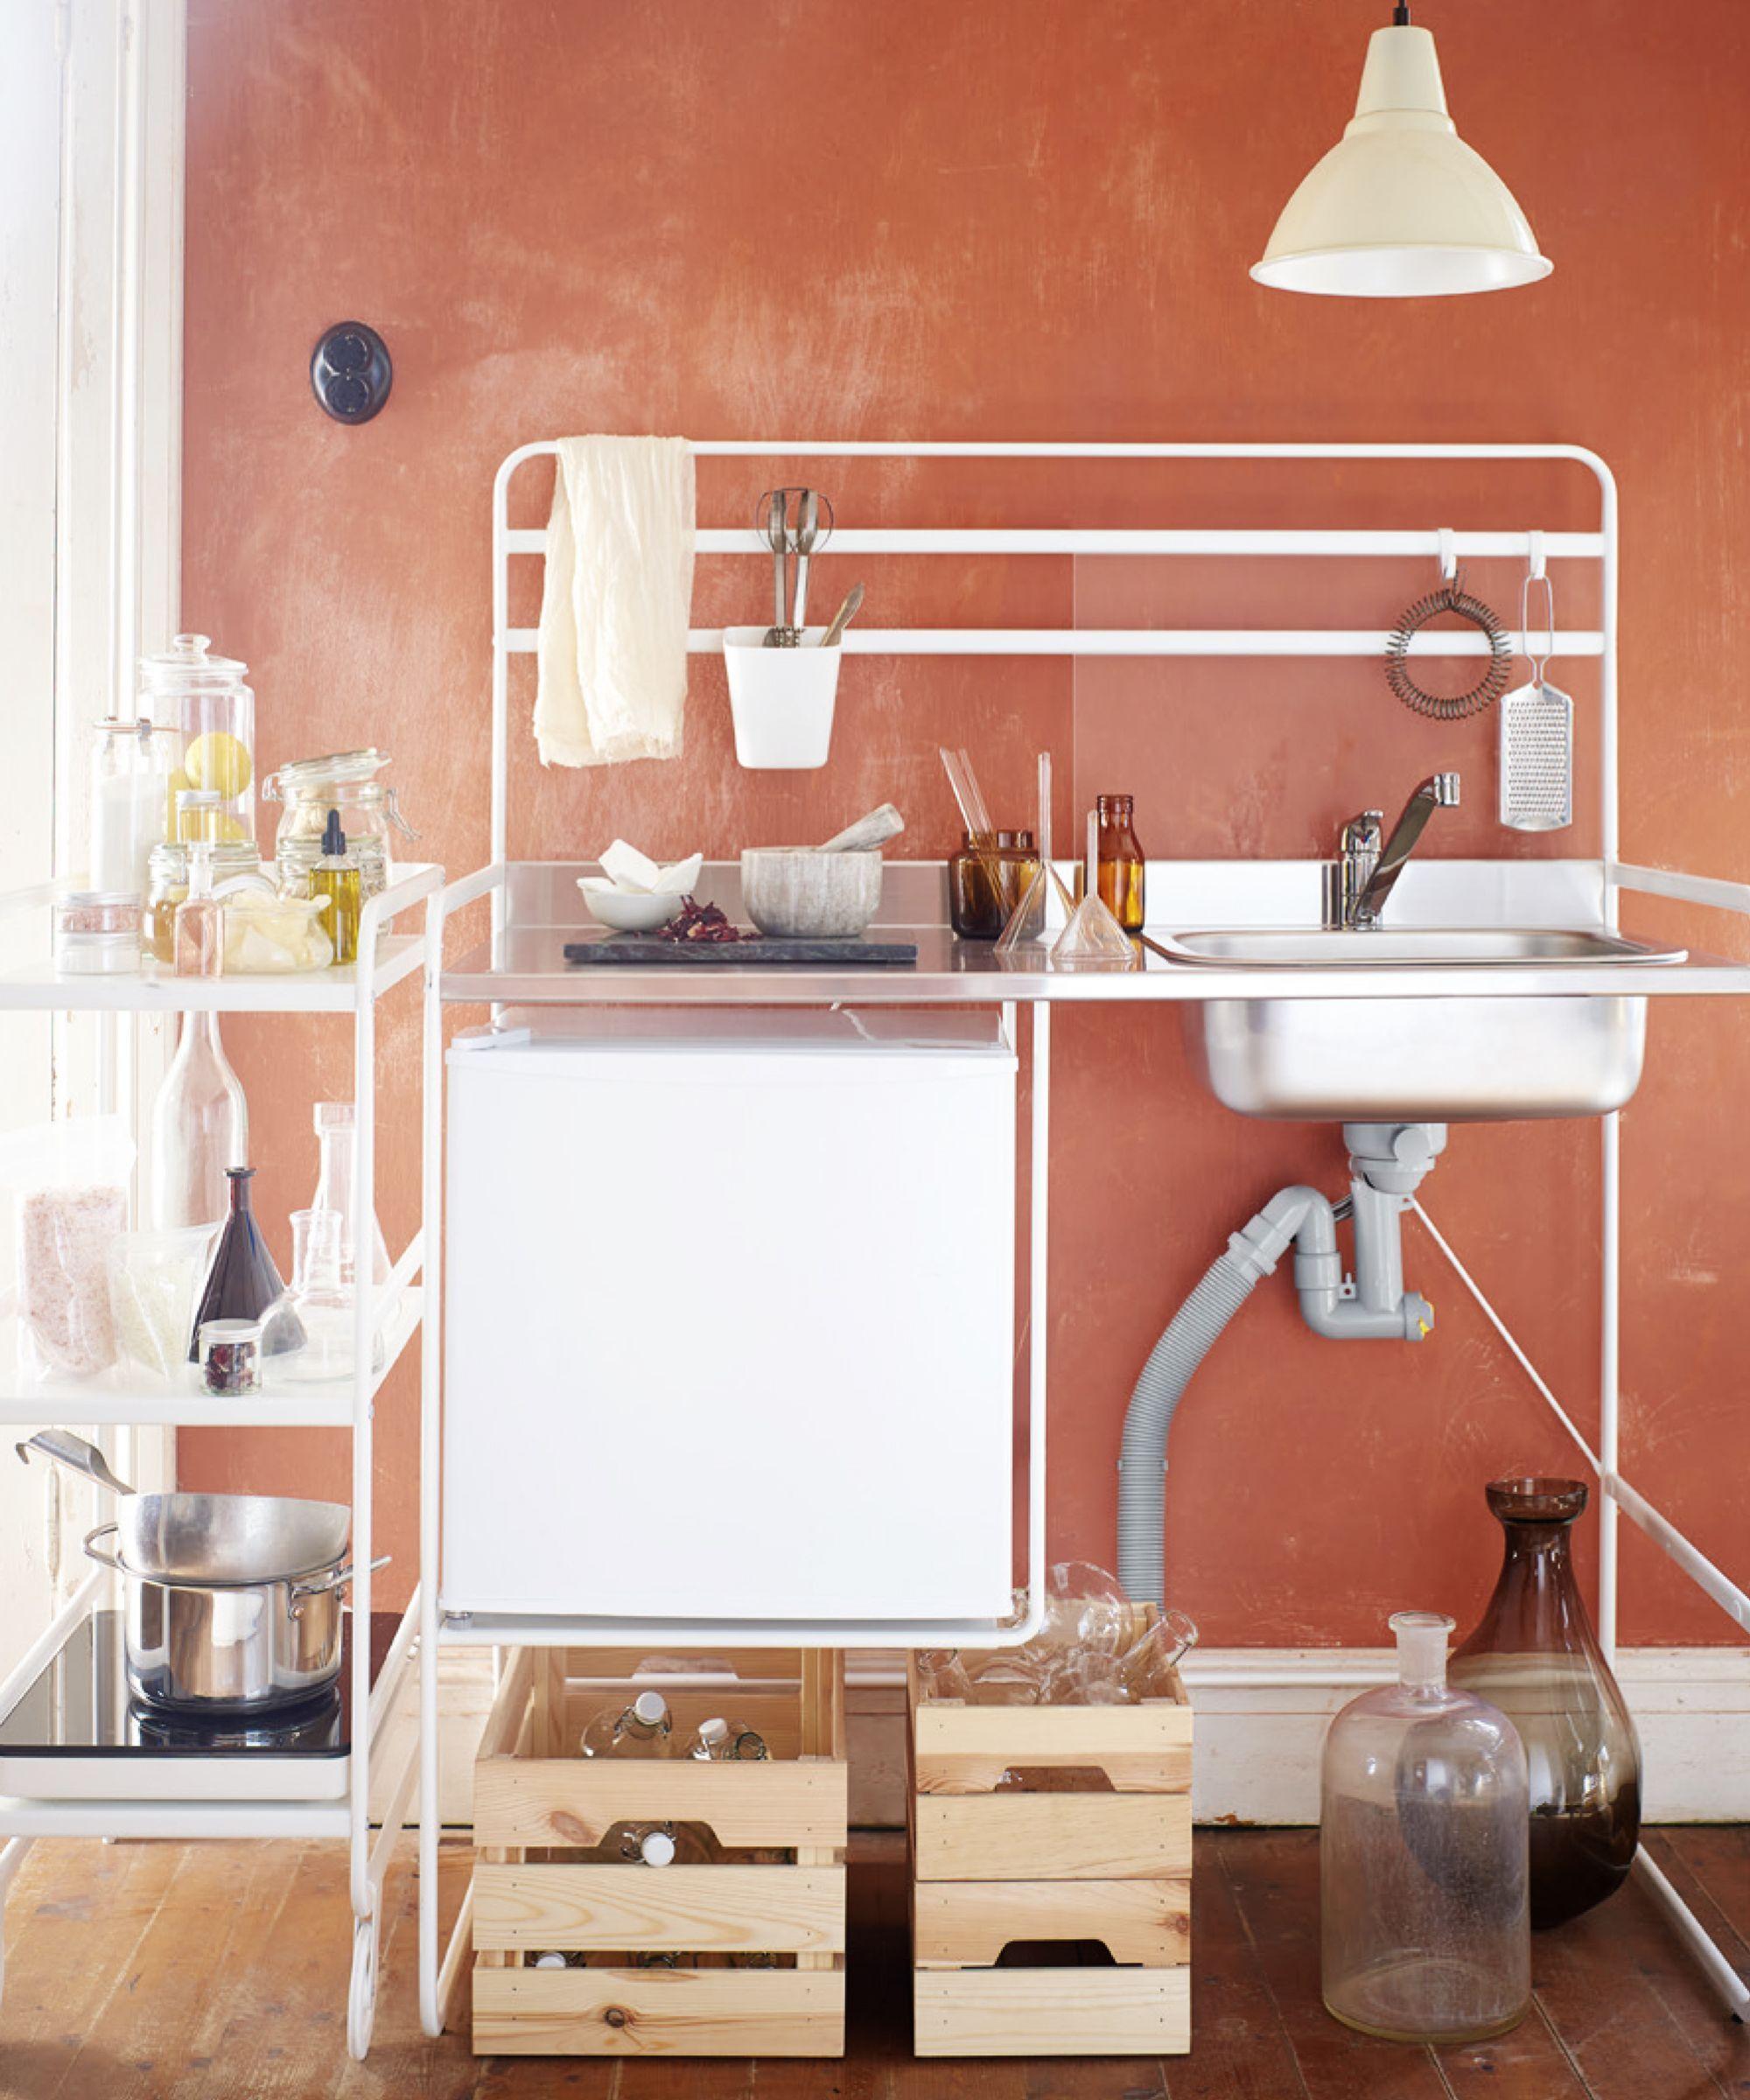 Full Size of Single Küche Ikea Get An Entire Mini Kitchen For Just 112 Minikche Fliesenspiegel Arbeitsplatte Einrichten Kaufen Günstig Edelstahlküche Fettabscheider Wohnzimmer Single Küche Ikea